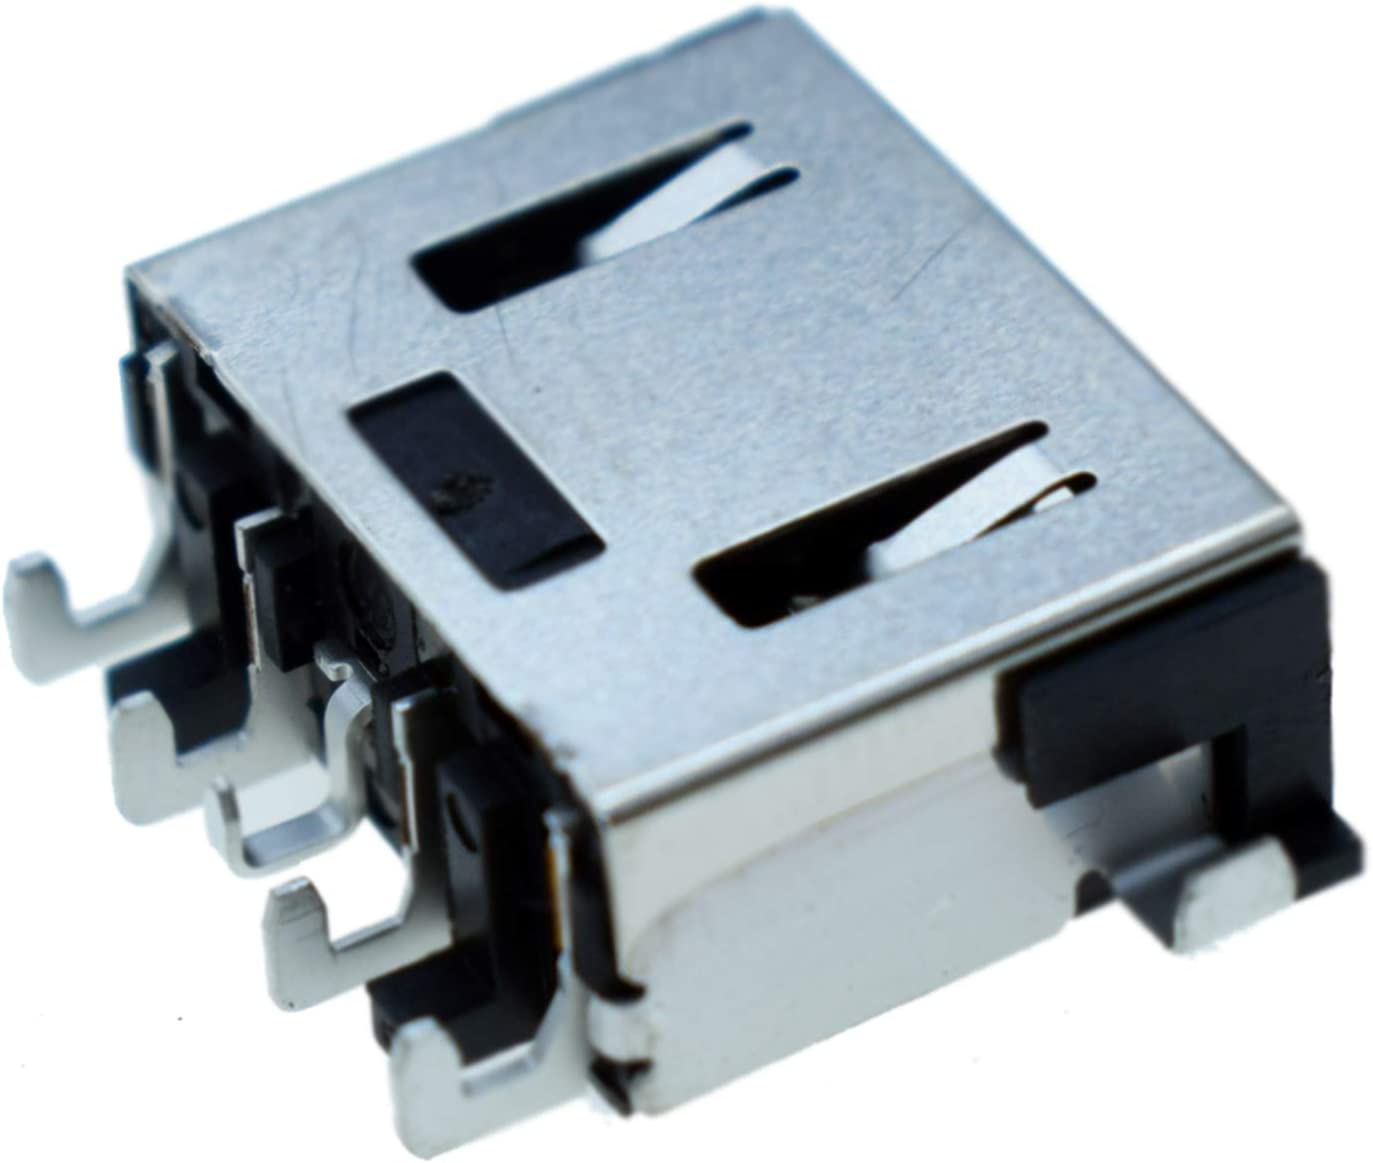 DC_in Power Jack Plug Connector Socket Compatible for Le Legion Y7000 Y7000P Y530 Y530-15ICH Series Laptop (Not fit for Lenovo Ideapad Y530)